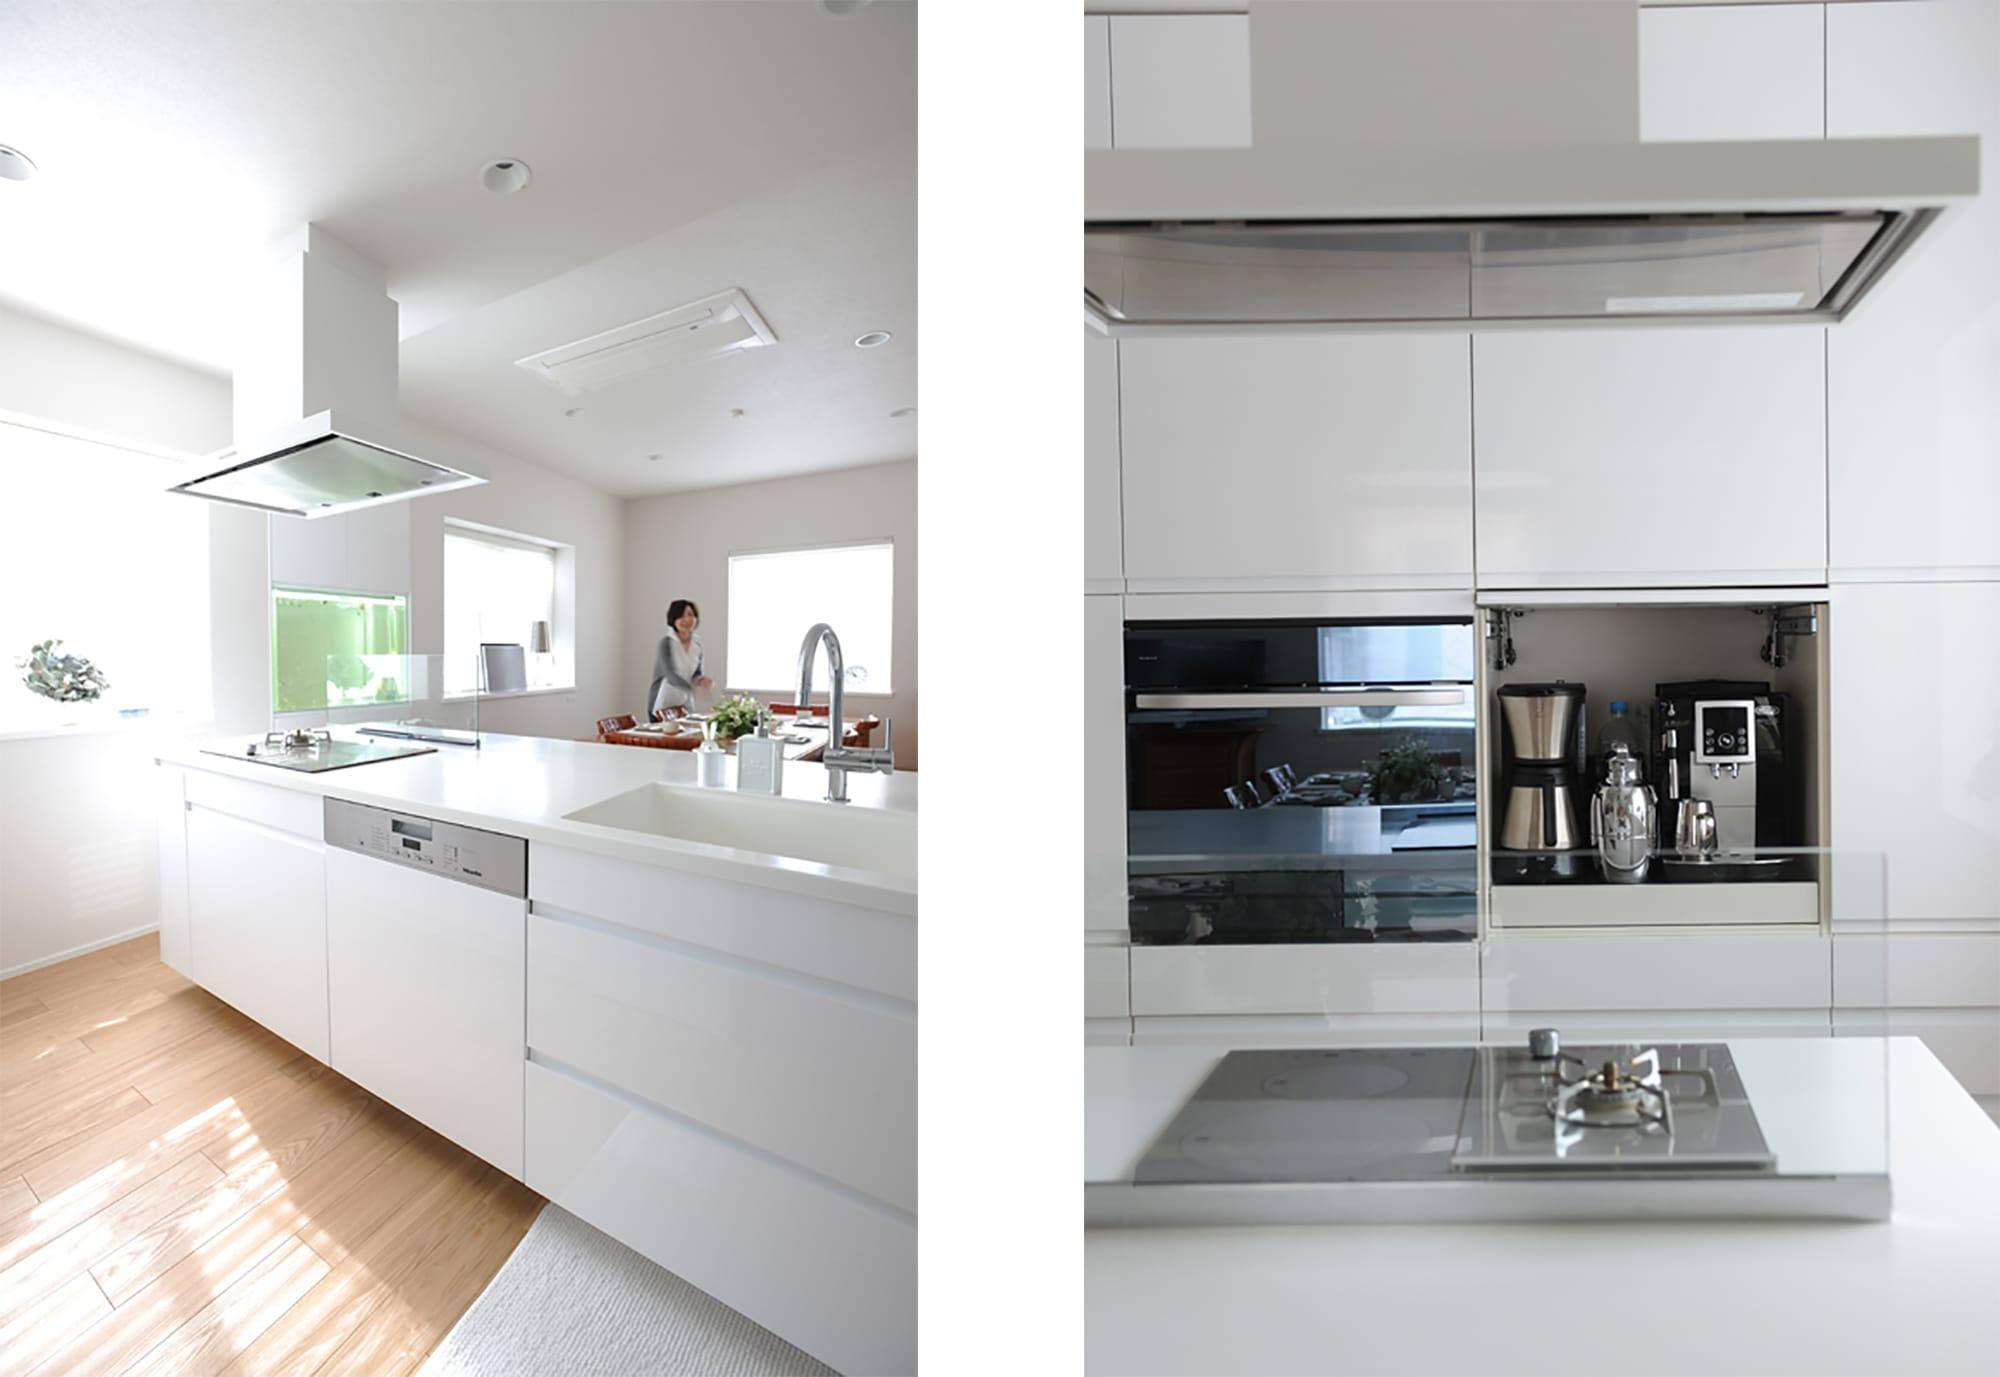 左:シンクまで真っ白なキッチン。左手にある水槽はキッチンと一緒に制作したもの。右:使いやすさを優先し、コーヒーマシンは目の高さに設置。その上の棚にはコーヒー豆や茶葉がストックされている。キッチン製作=クチーナ/住宅設計=三菱地所ホームPhotography by Yukinori Okamura